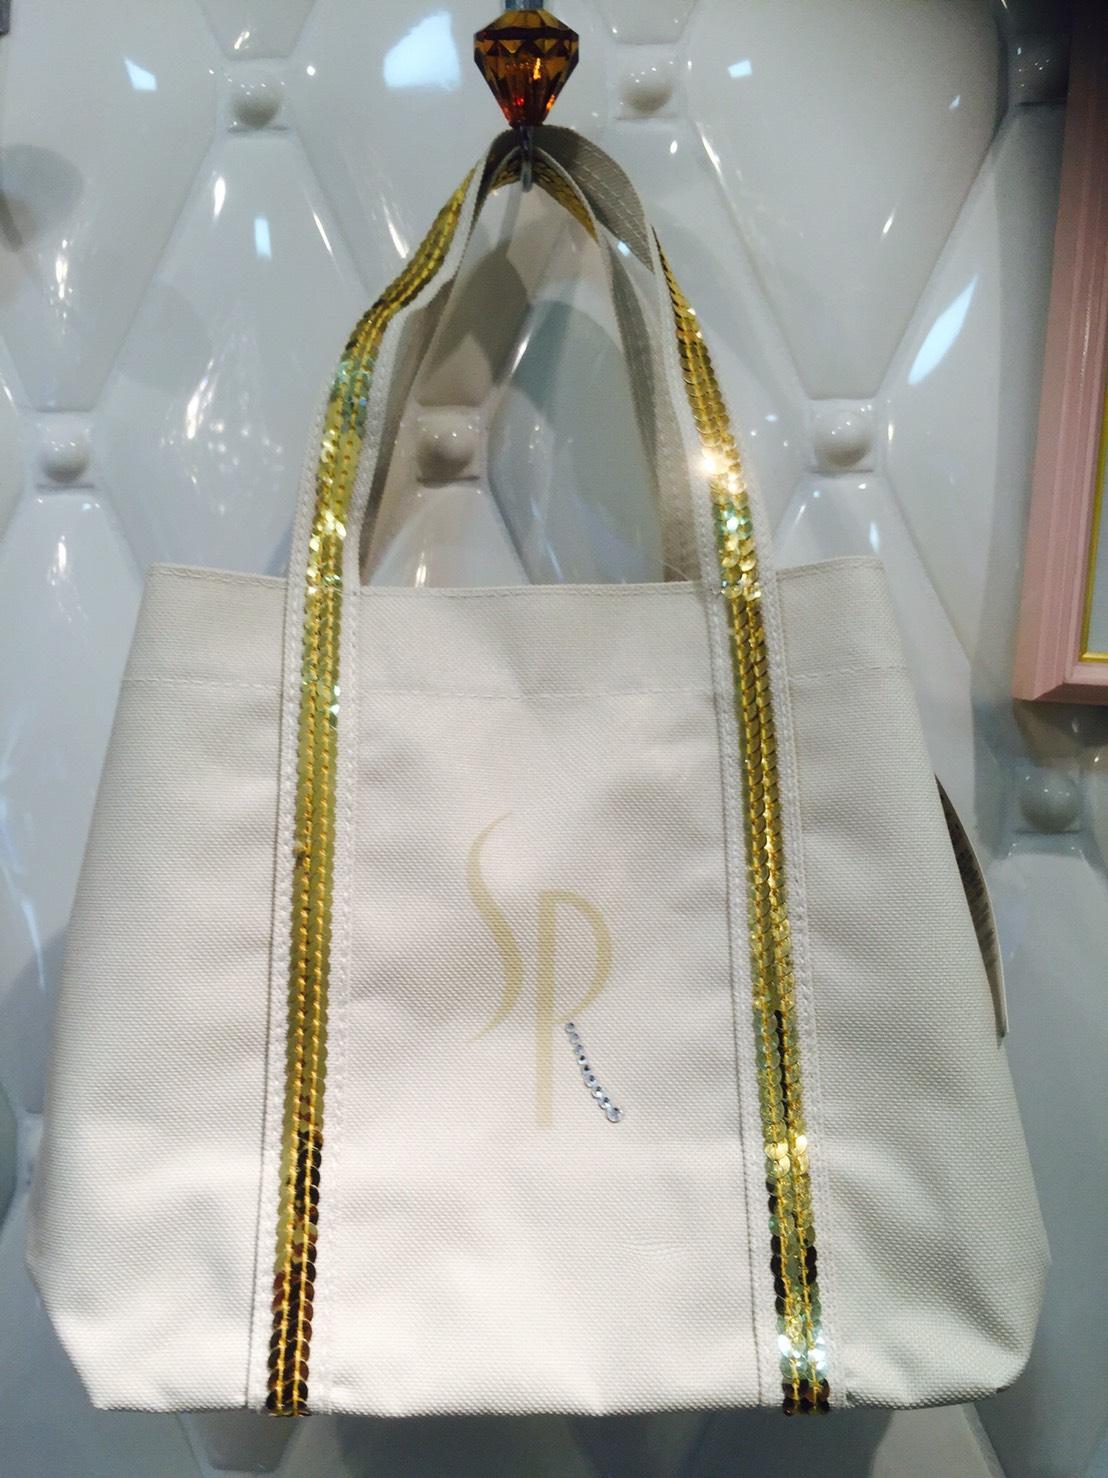 オリジナルバッグができましたo(^▽^)o